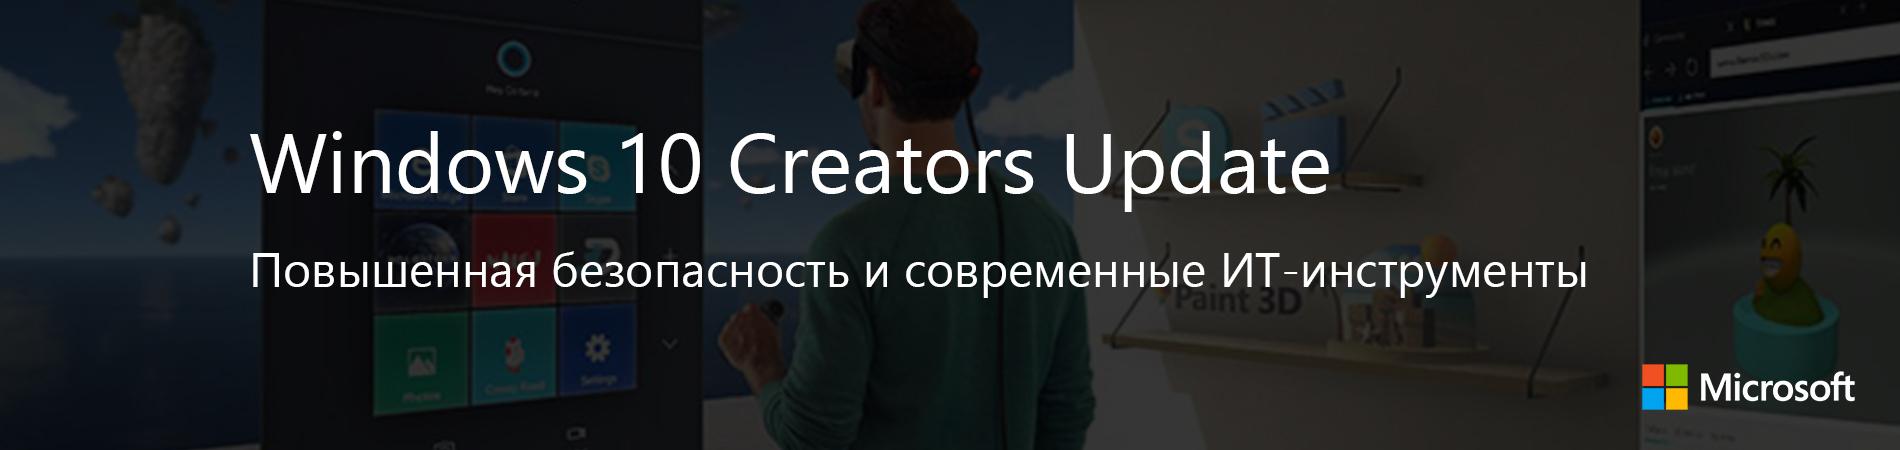 Windows 10 Creators Update: Повышенная безопасность и современные ИТ-инструменты